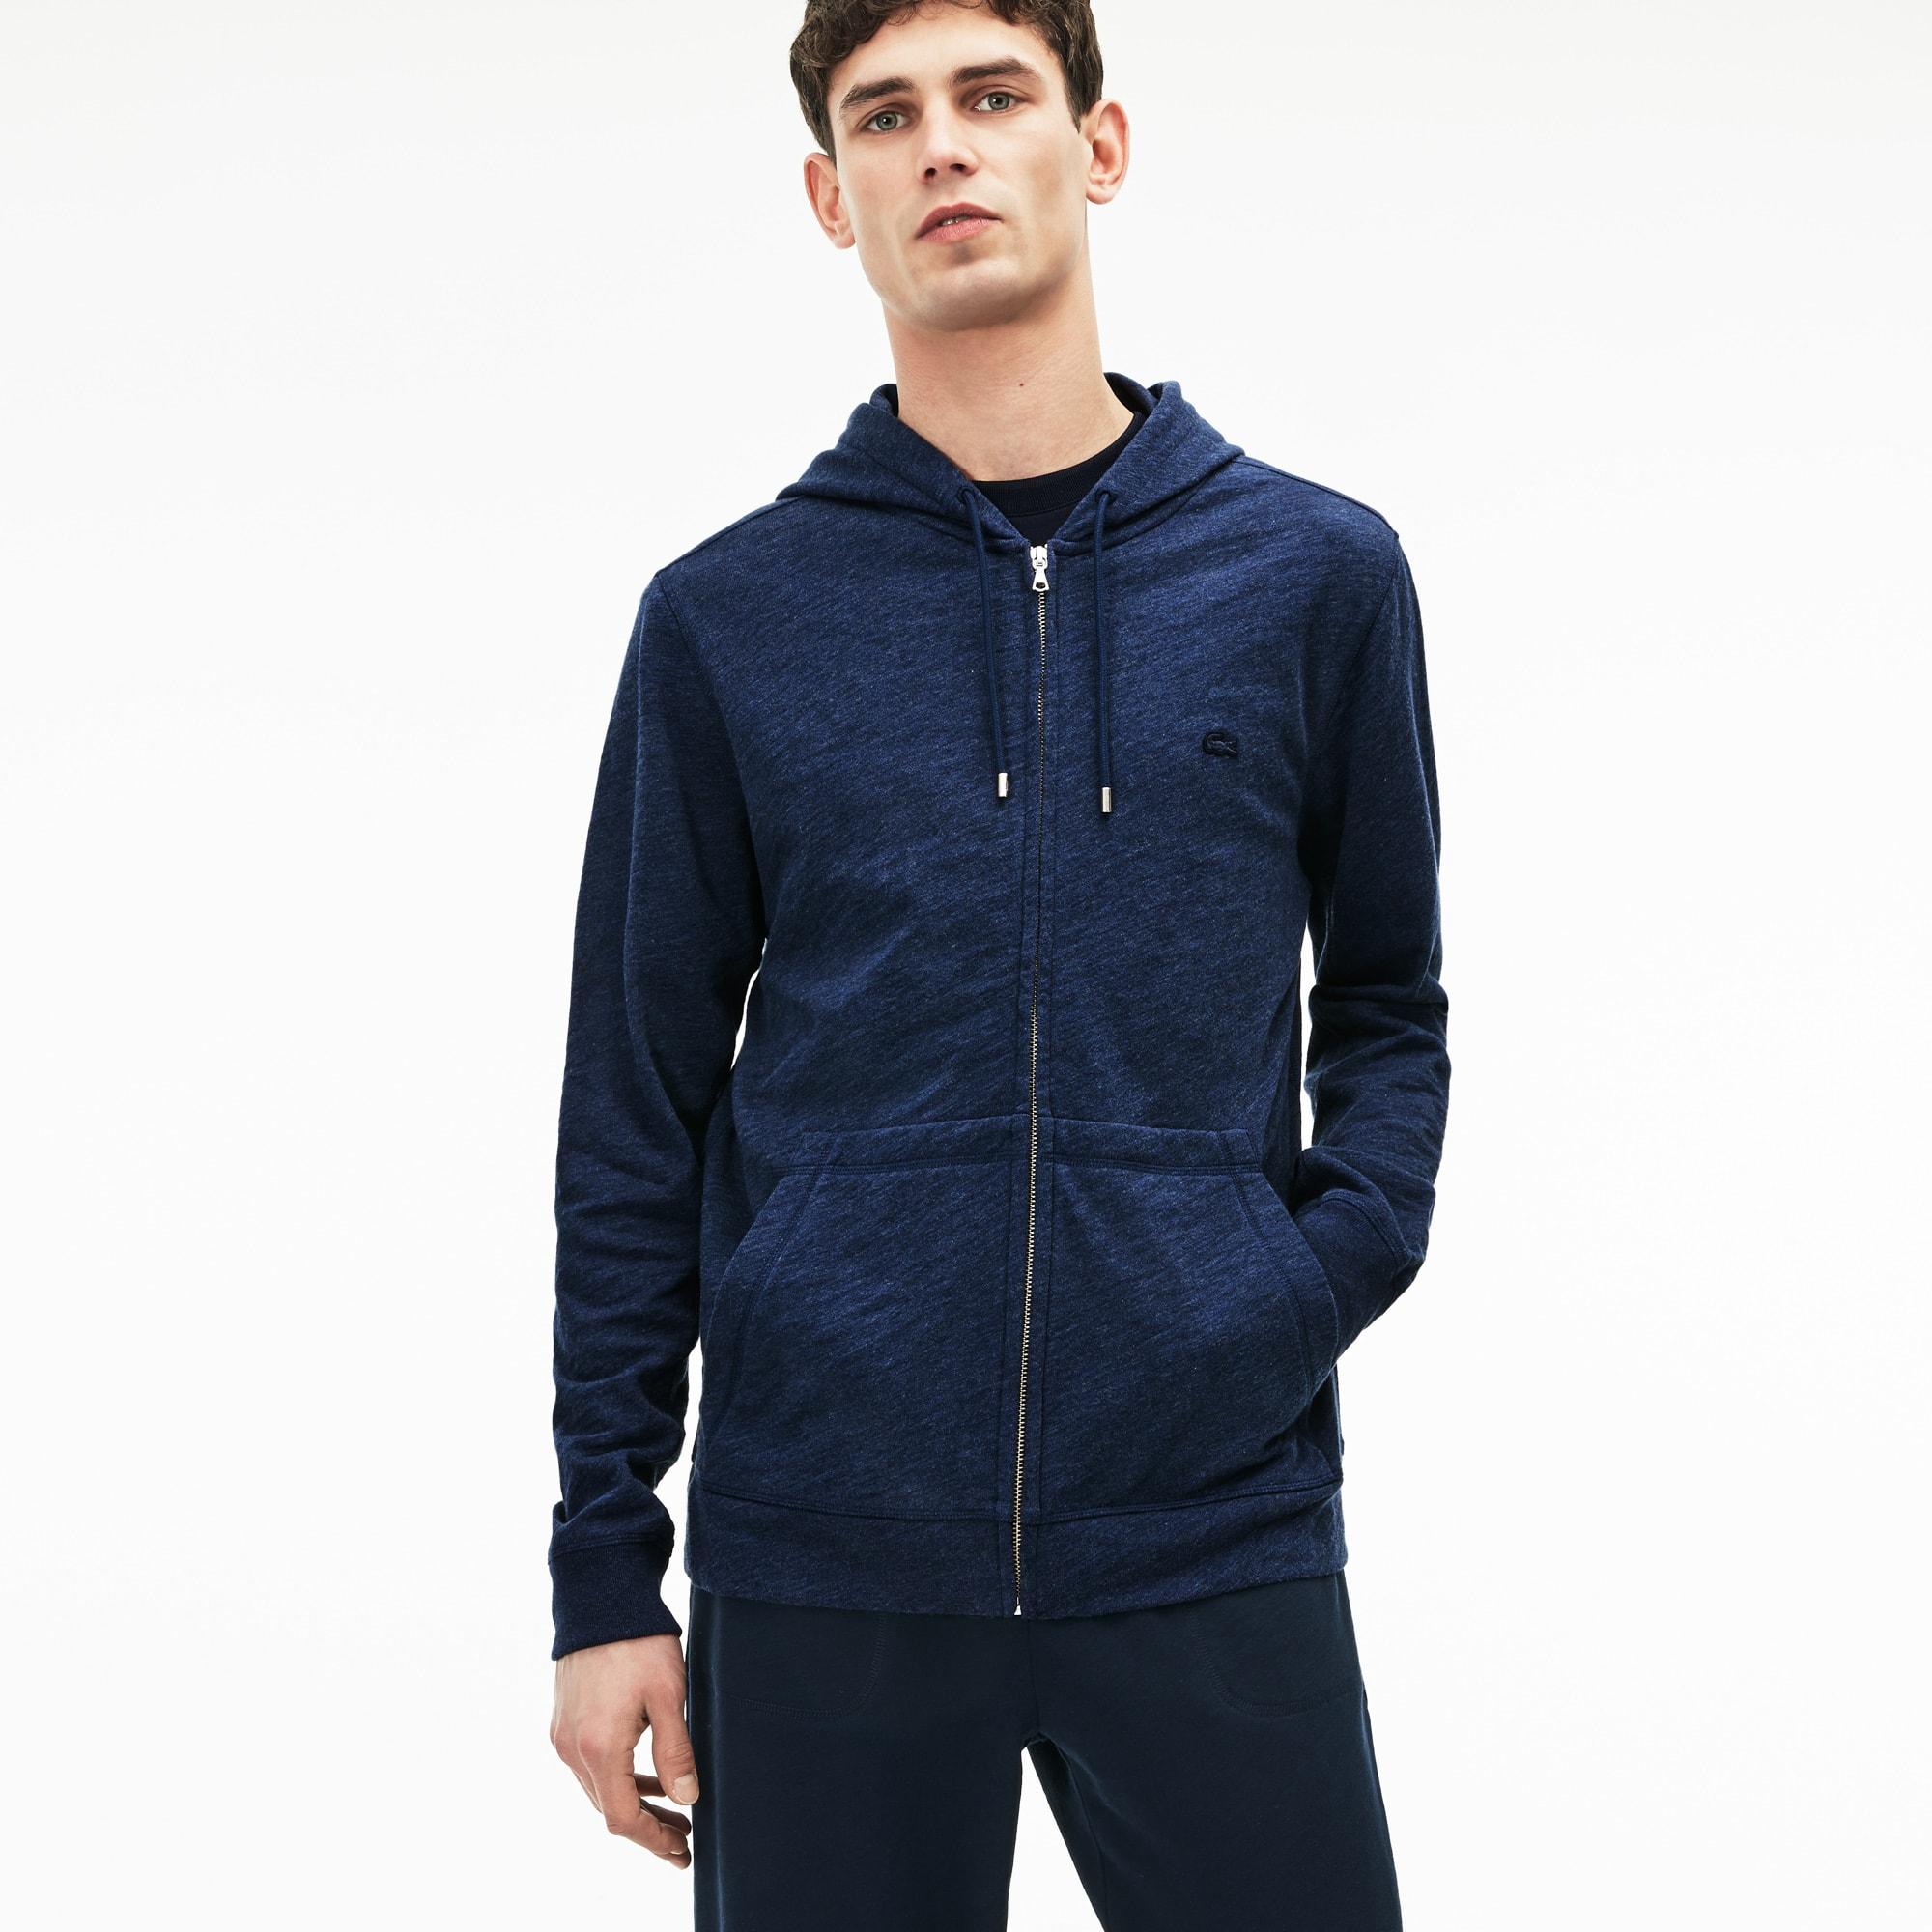 Sweatshirt zippé à capuche Lacoste MOTION en molleton de coton uni